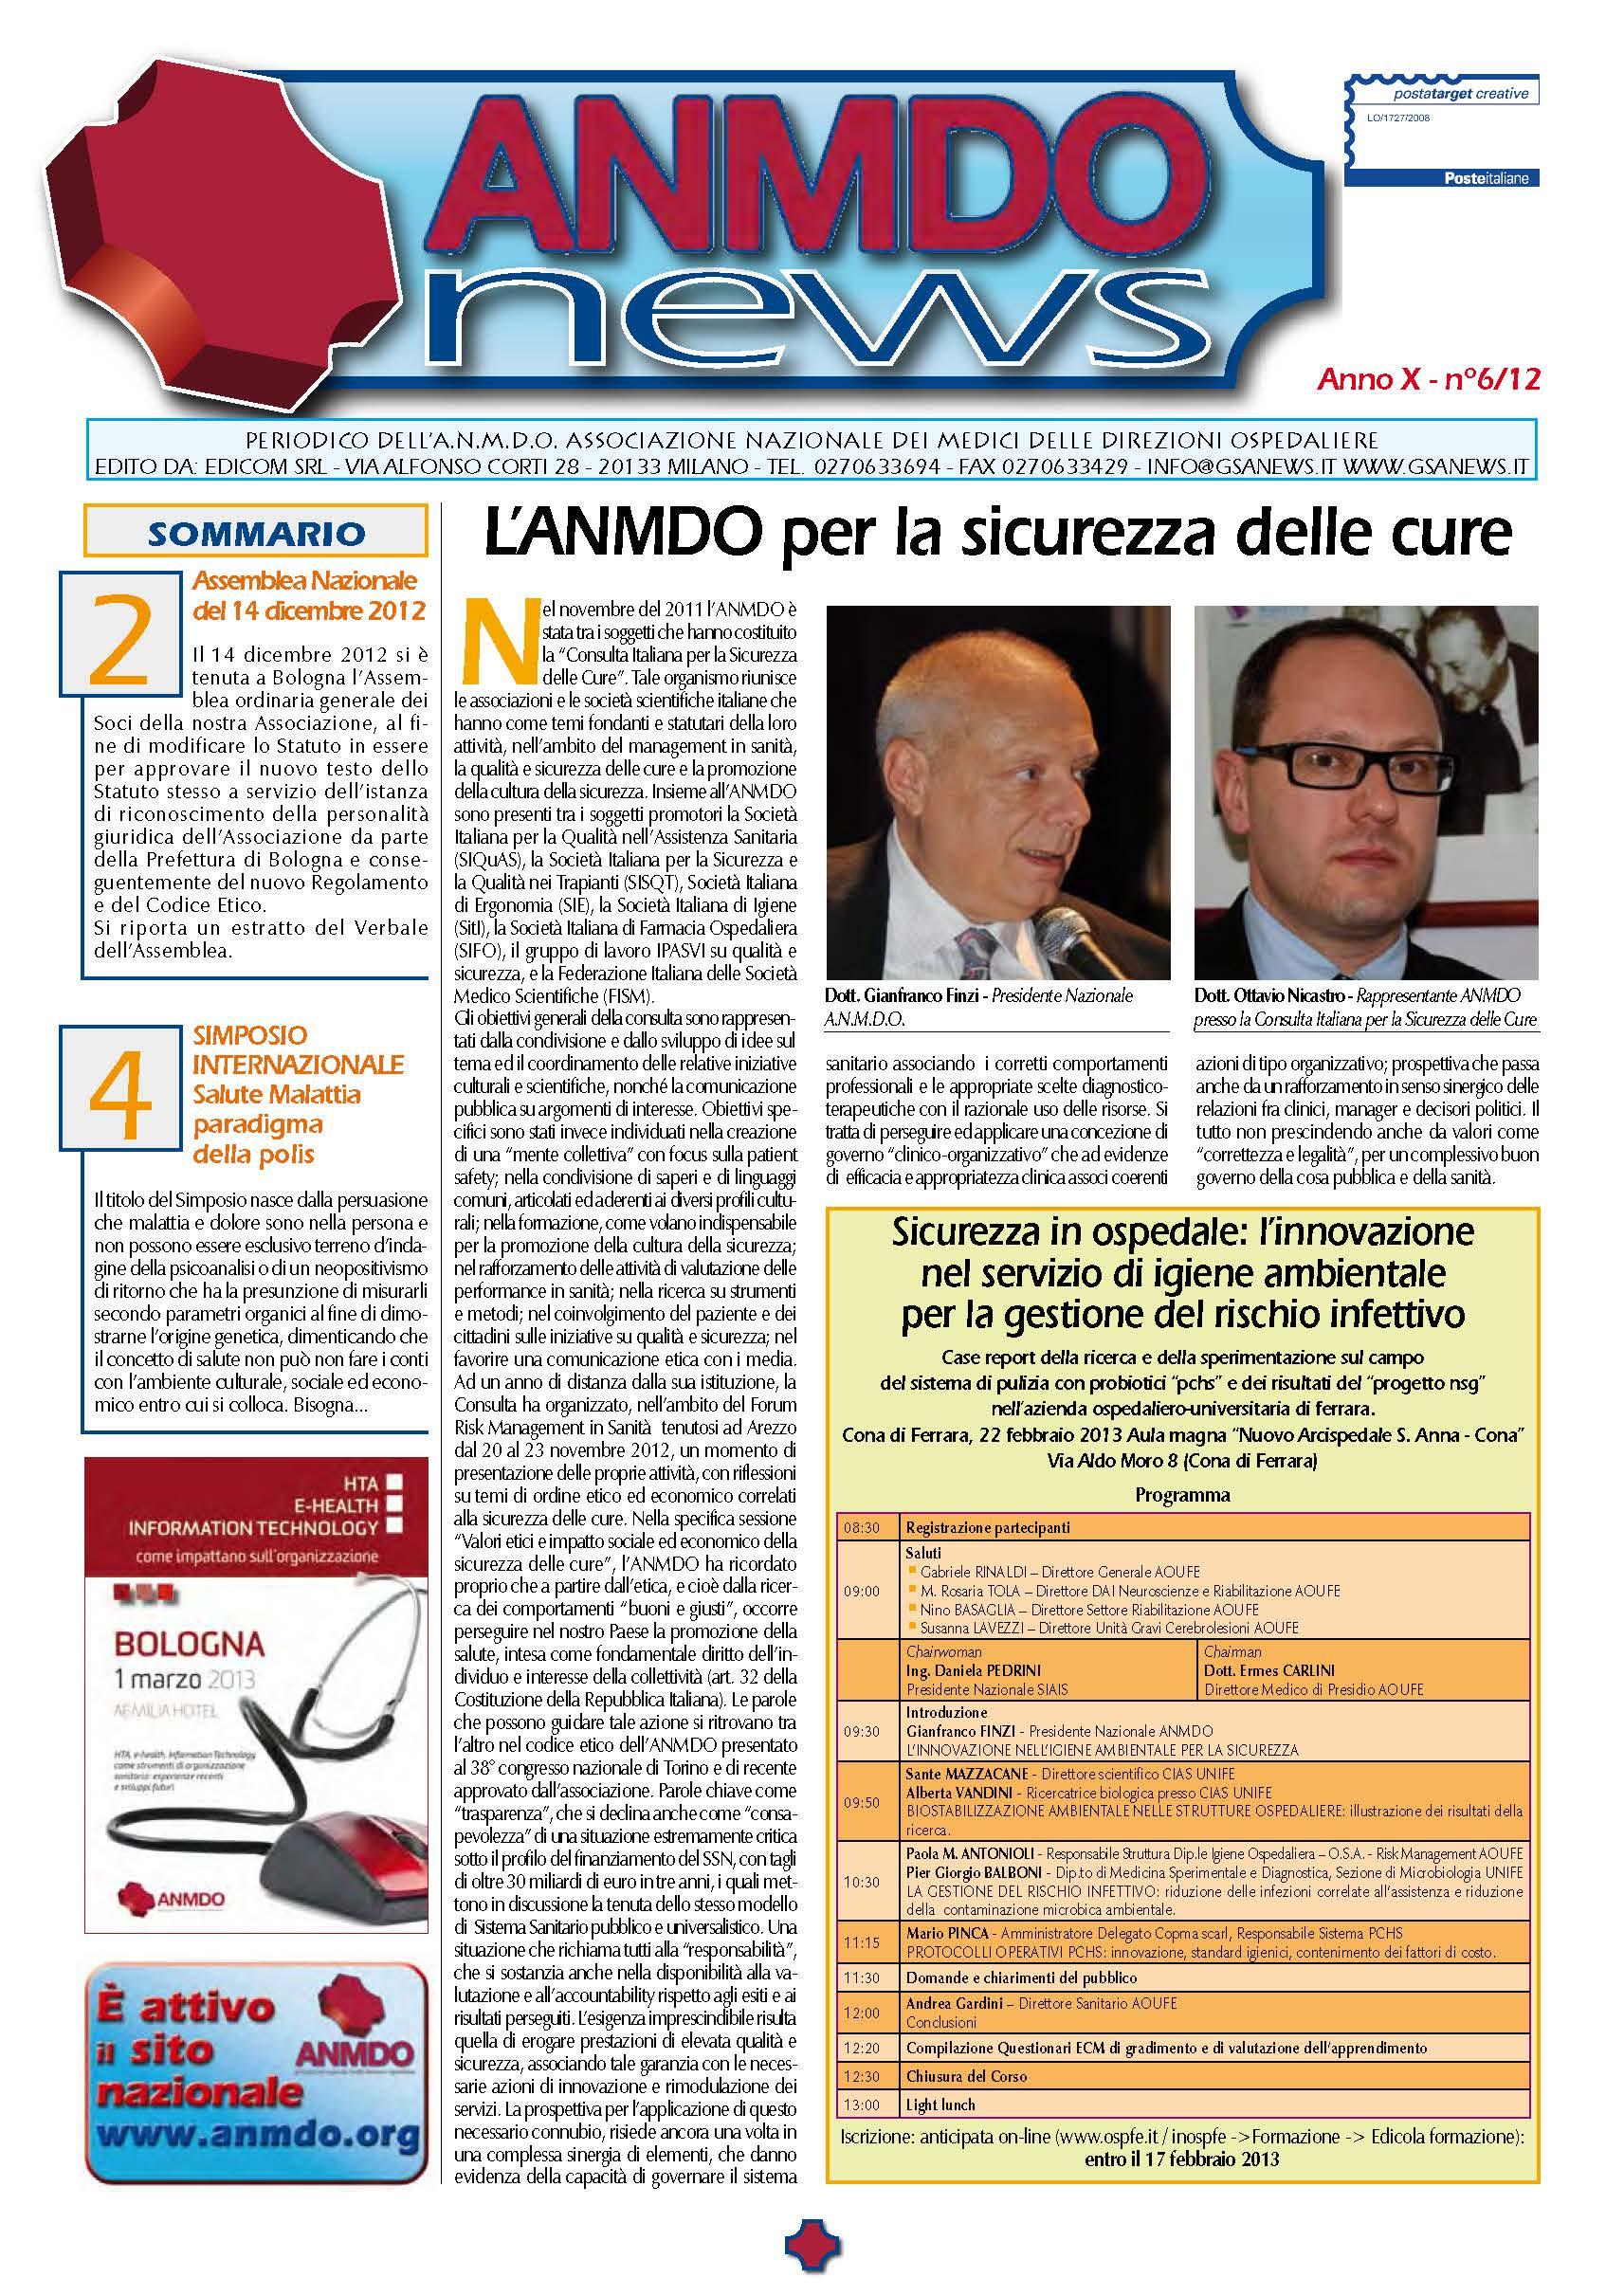 pagine-da-anmdonews_6_12